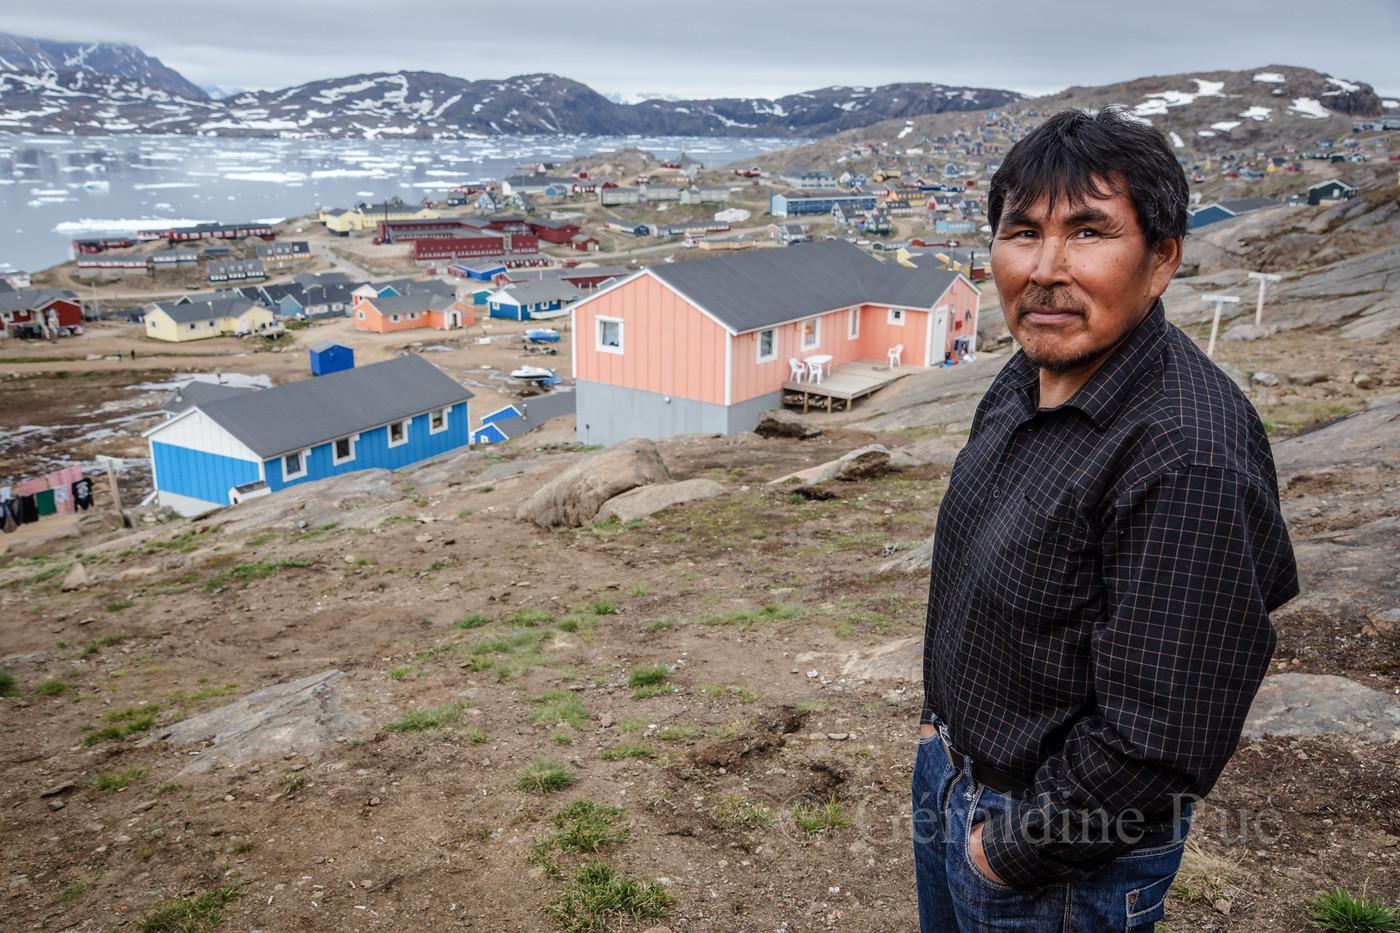 Groenland 1304567© Géraldine Rué.jpg